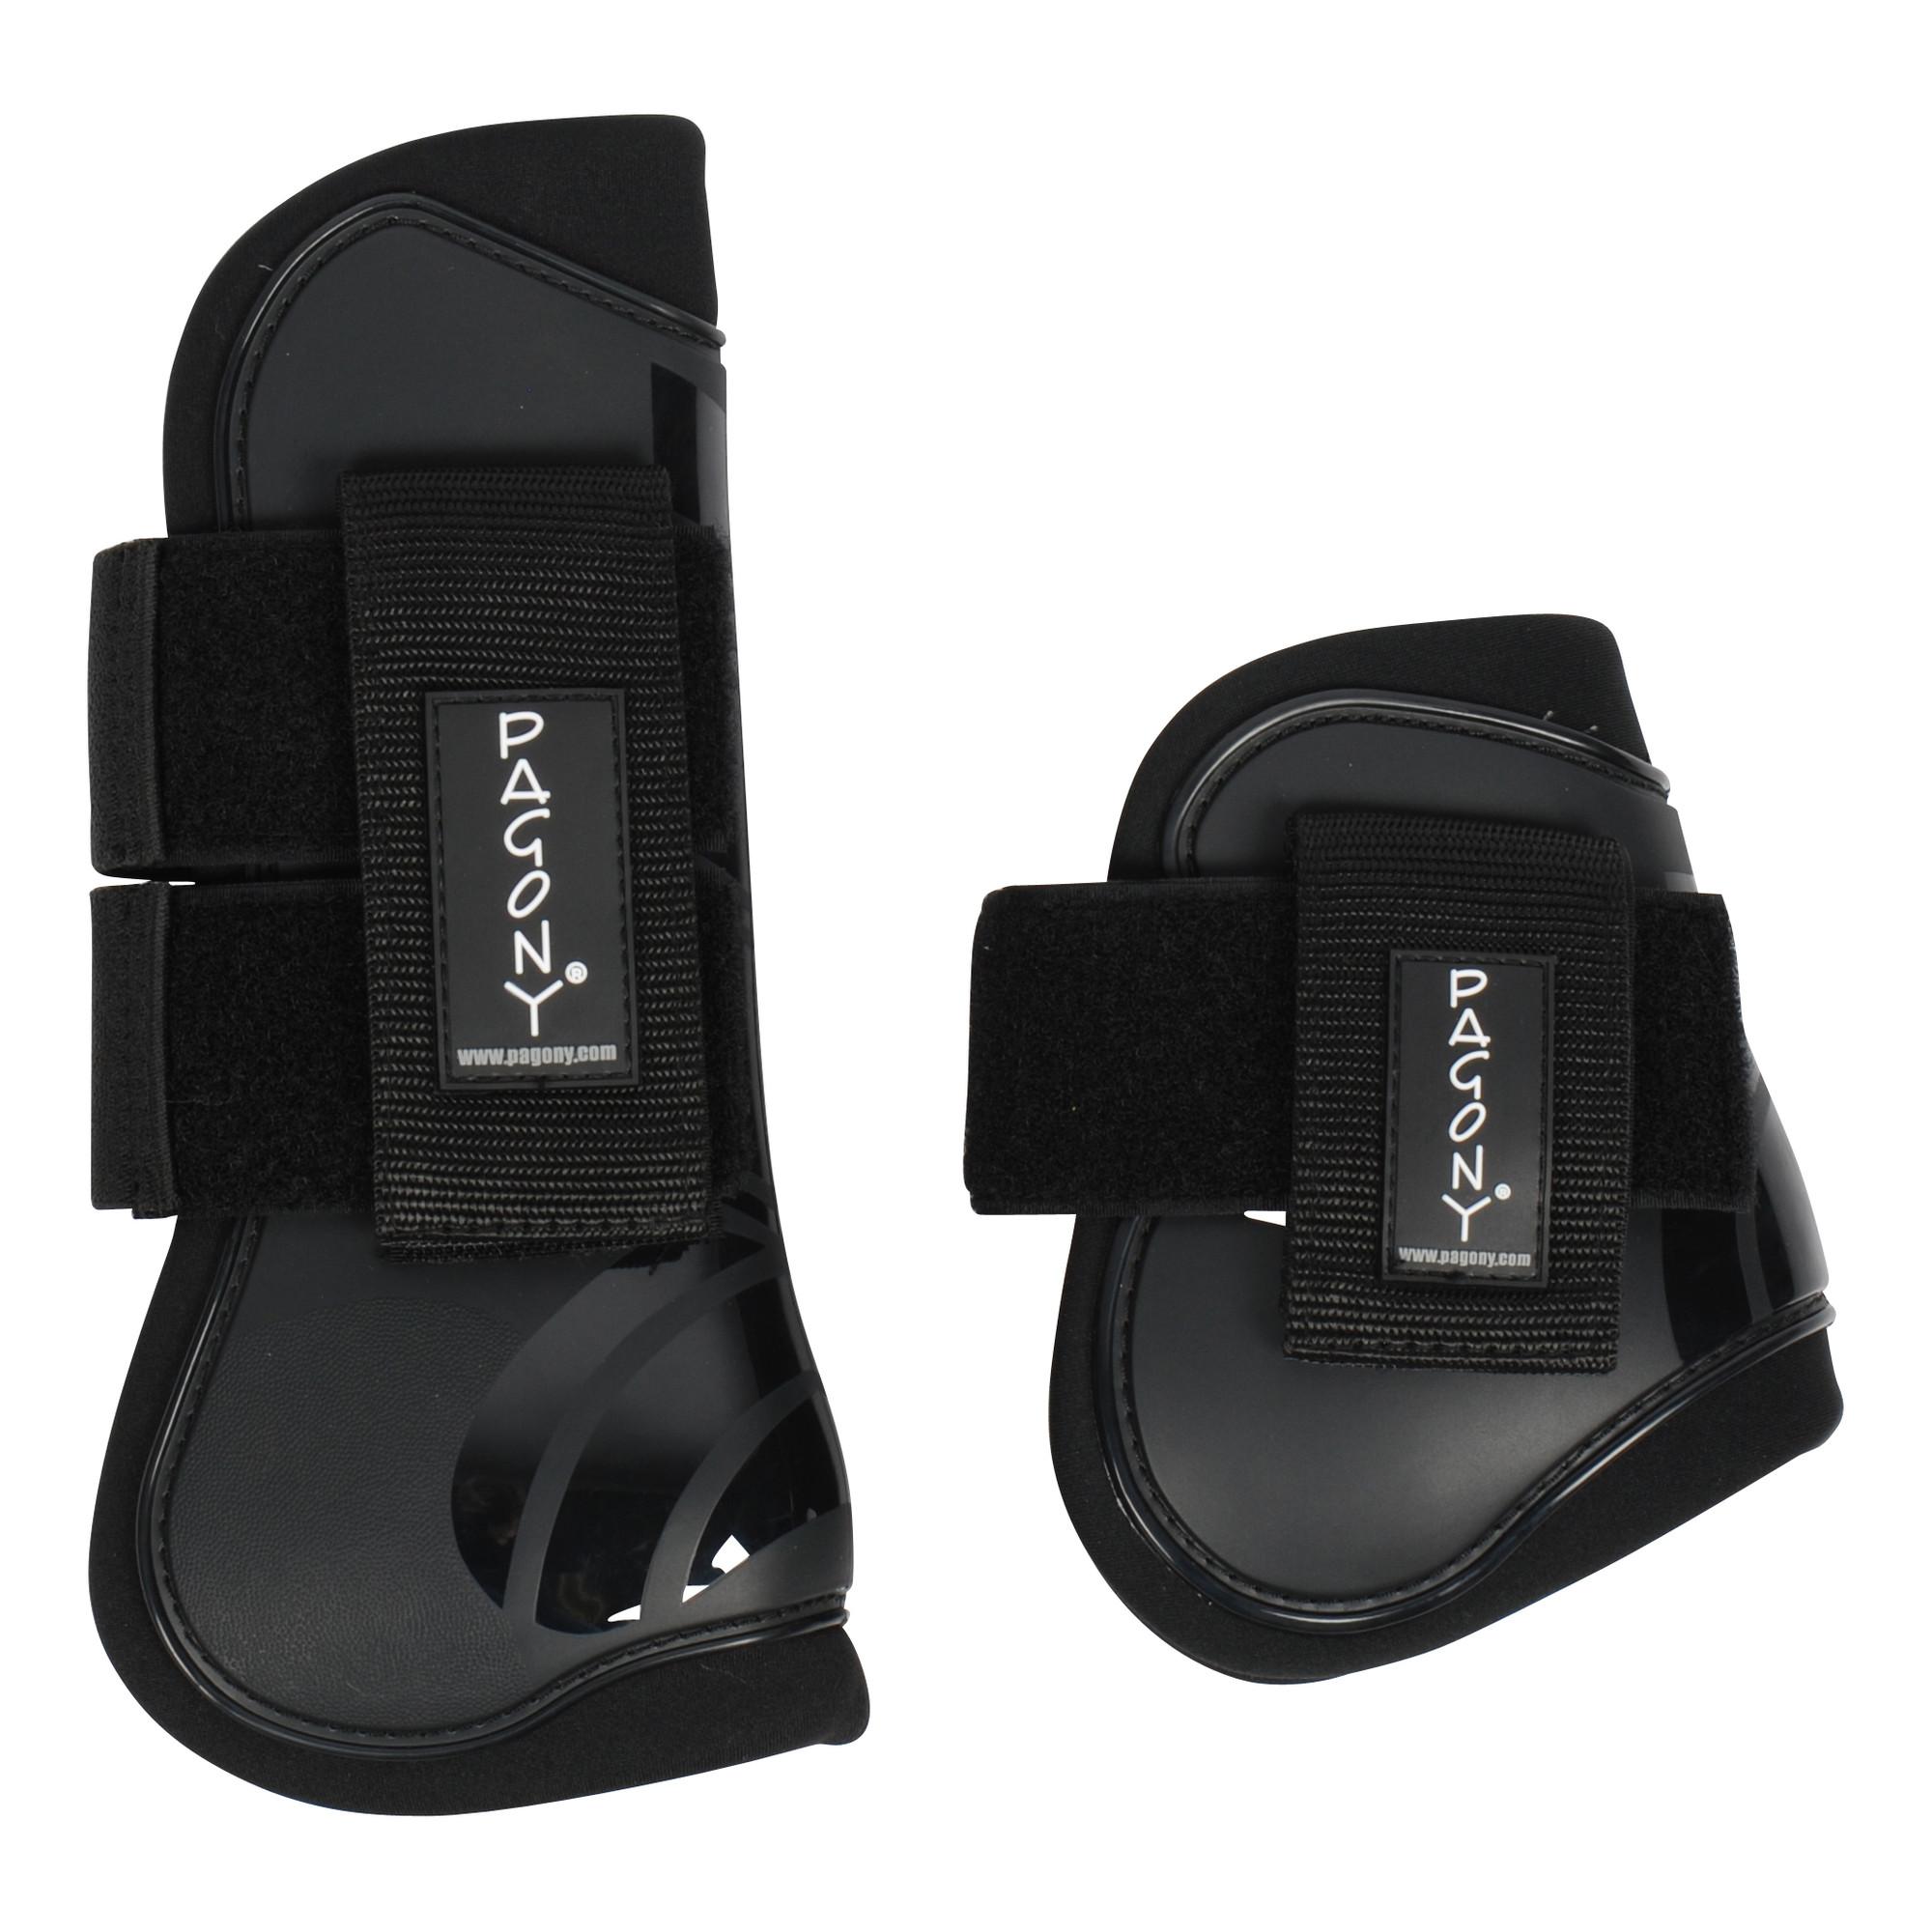 Pagony Pro Velcro Pees- en kogelbeschermerset donkerblauw maat:pony